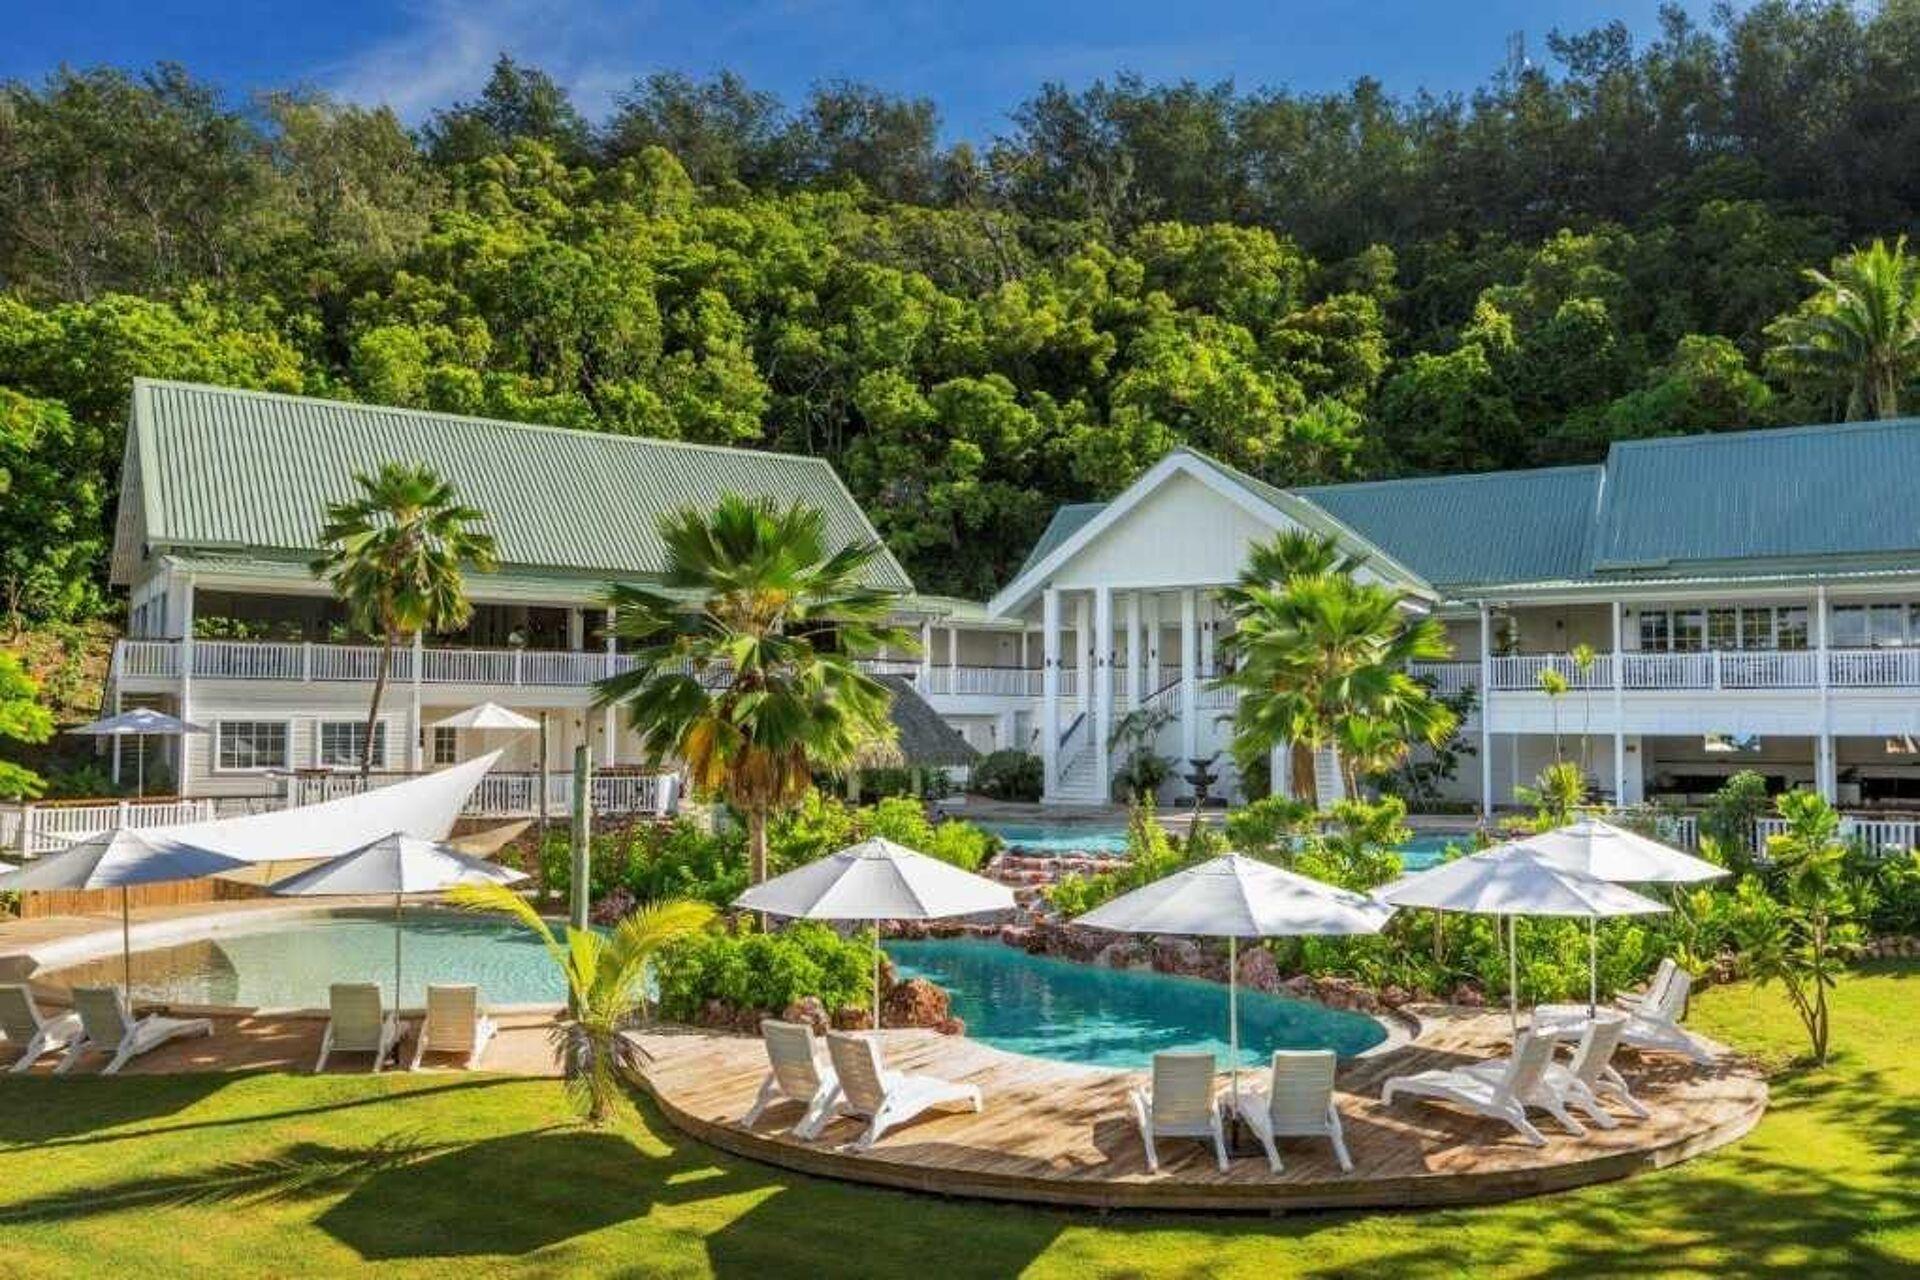 Malolo Island Resort Bistro Outdoor Umbrellas